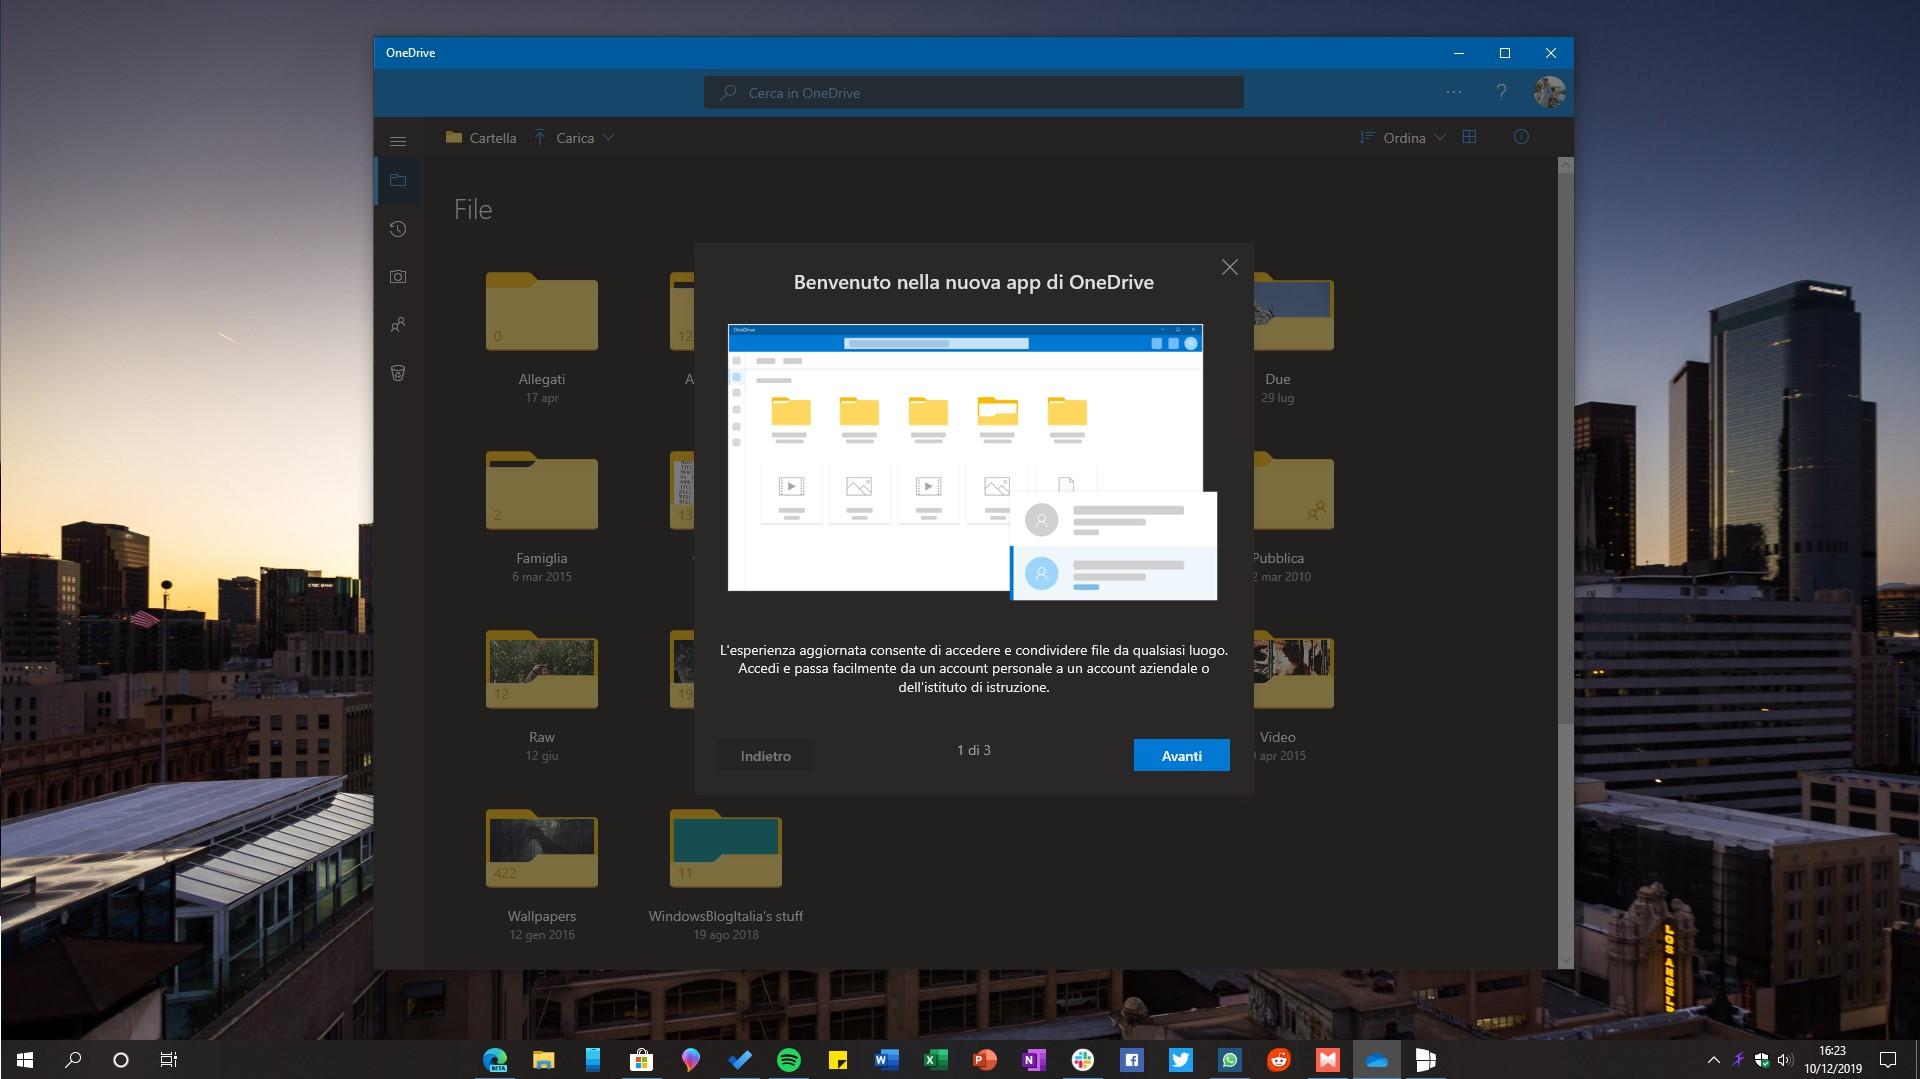 Nuova applicazione OneDrive per Windows 10